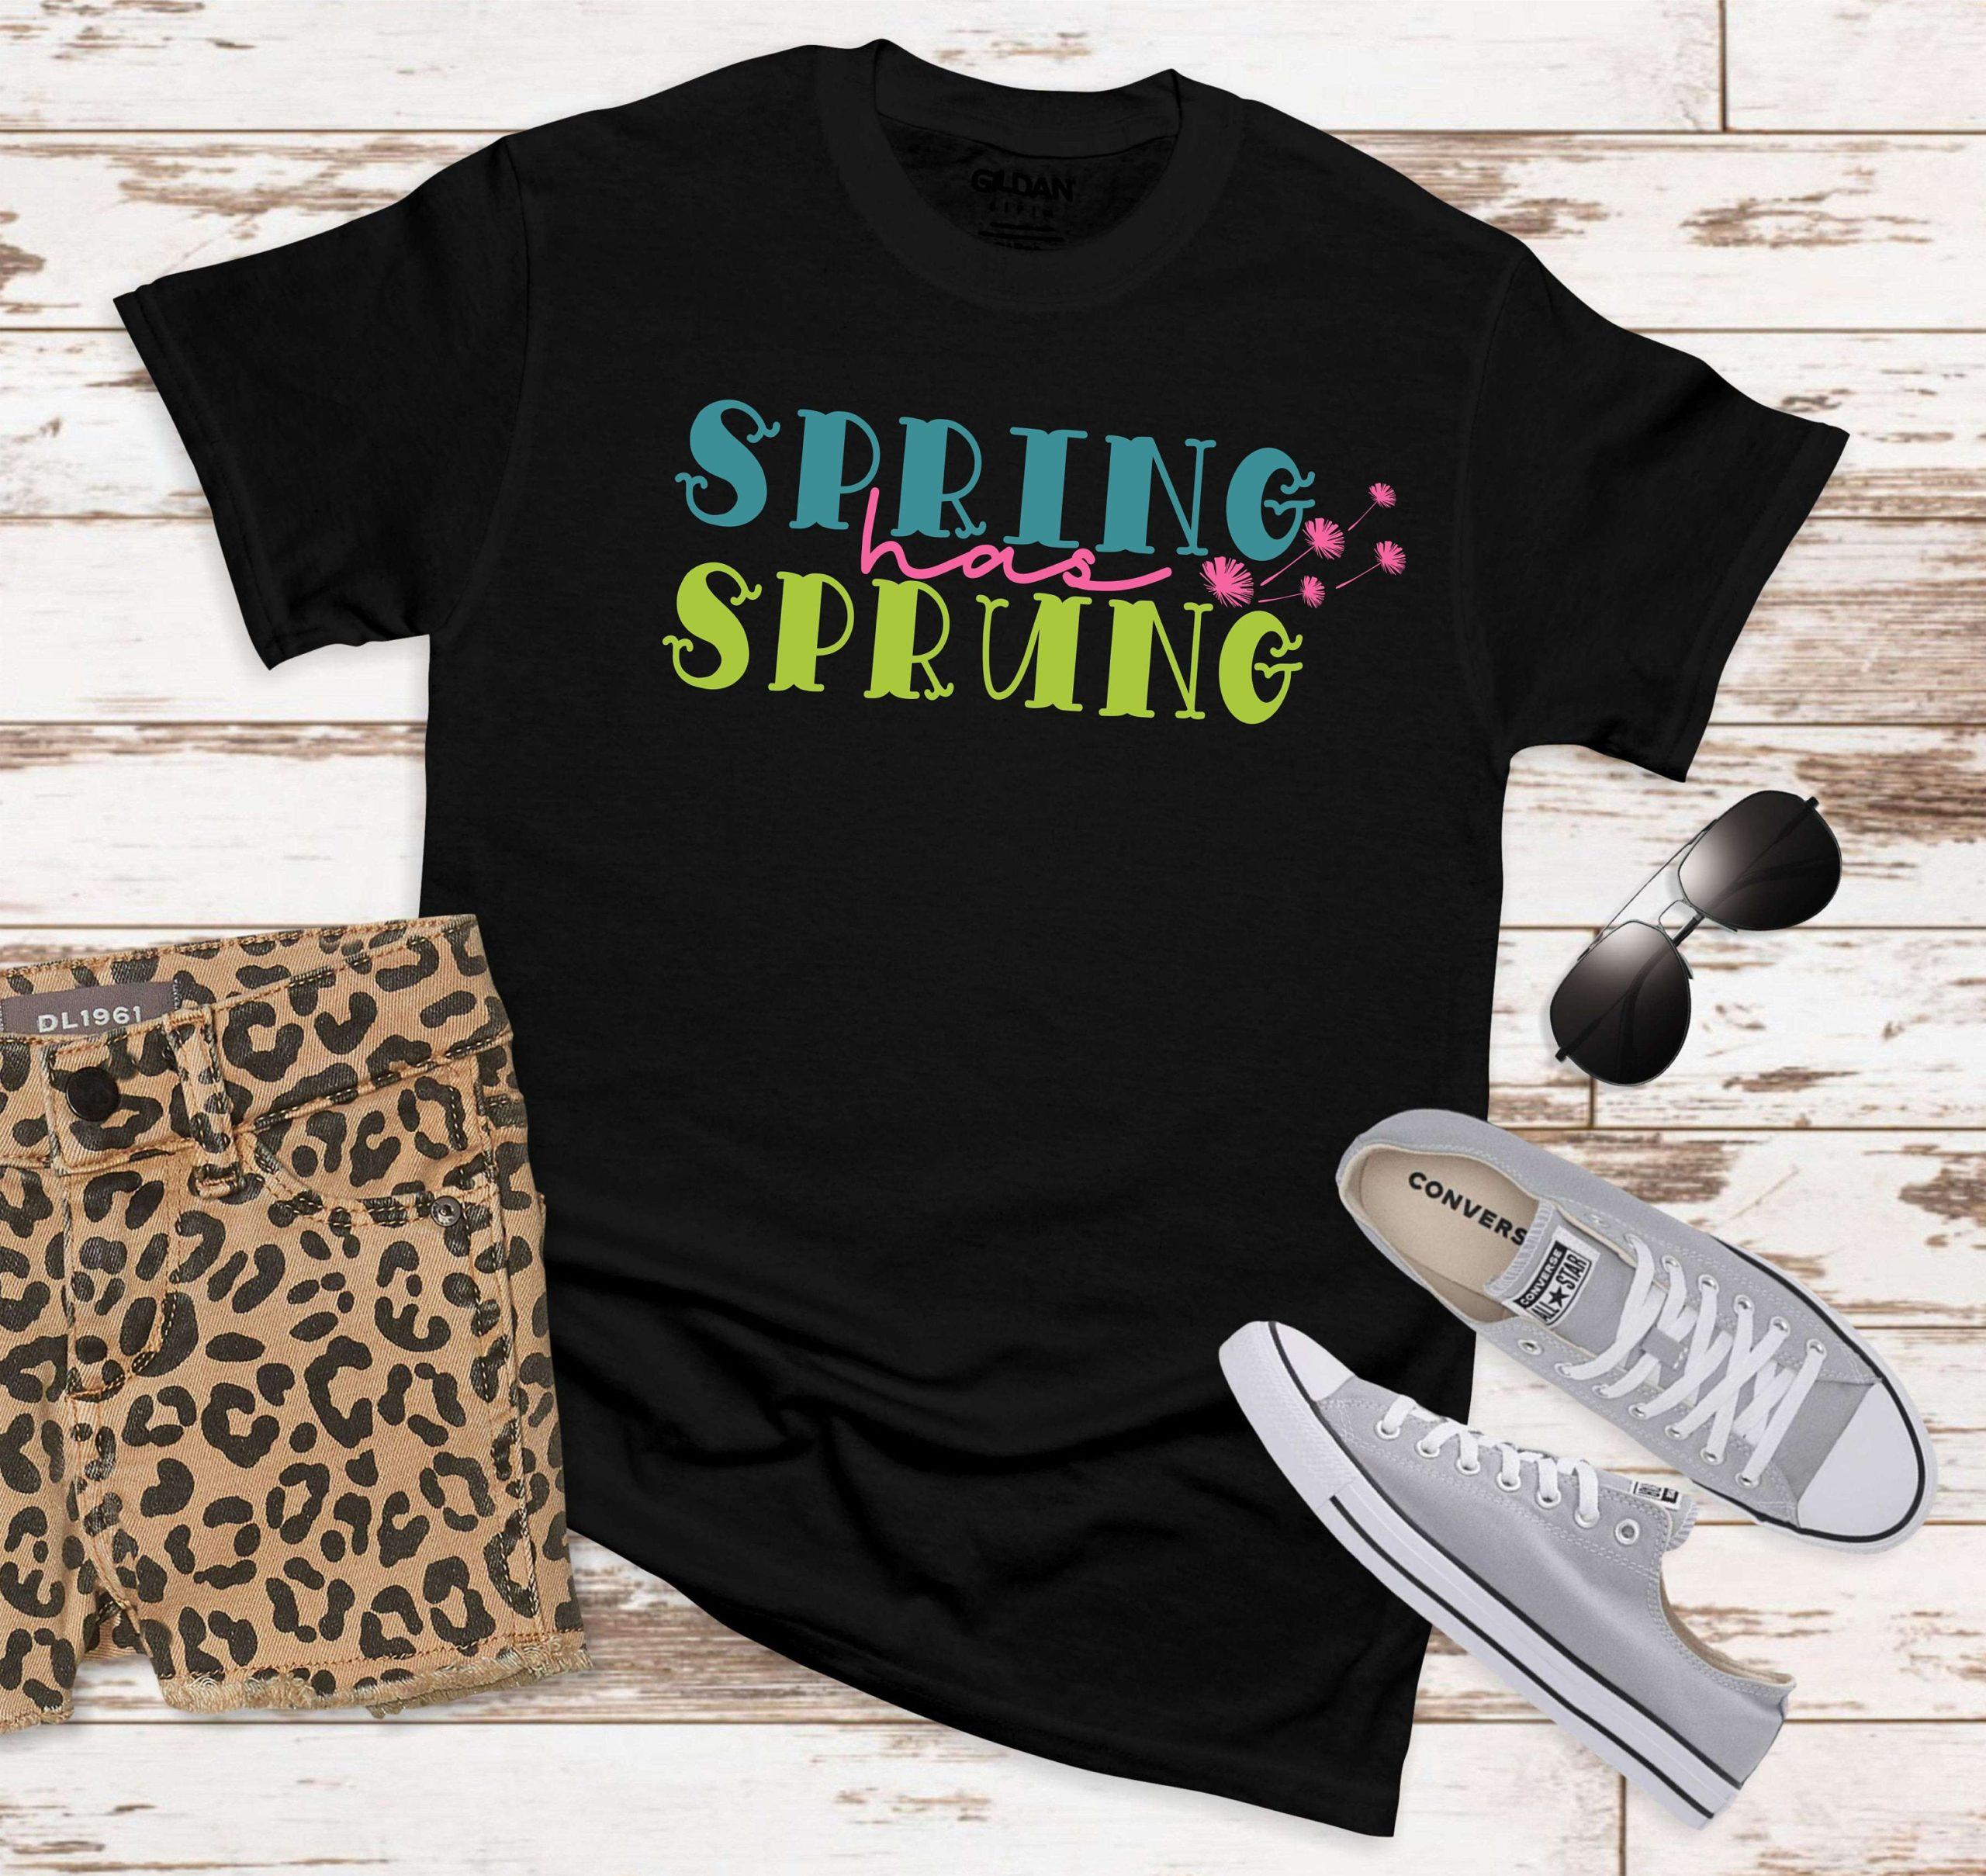 Spring-svg-spring-has-sprung-svg-spring-svgs-springtime-svg-flowers-svg-spring-svg-design-spring-cut-file-spring-cricut-svg-6051290b